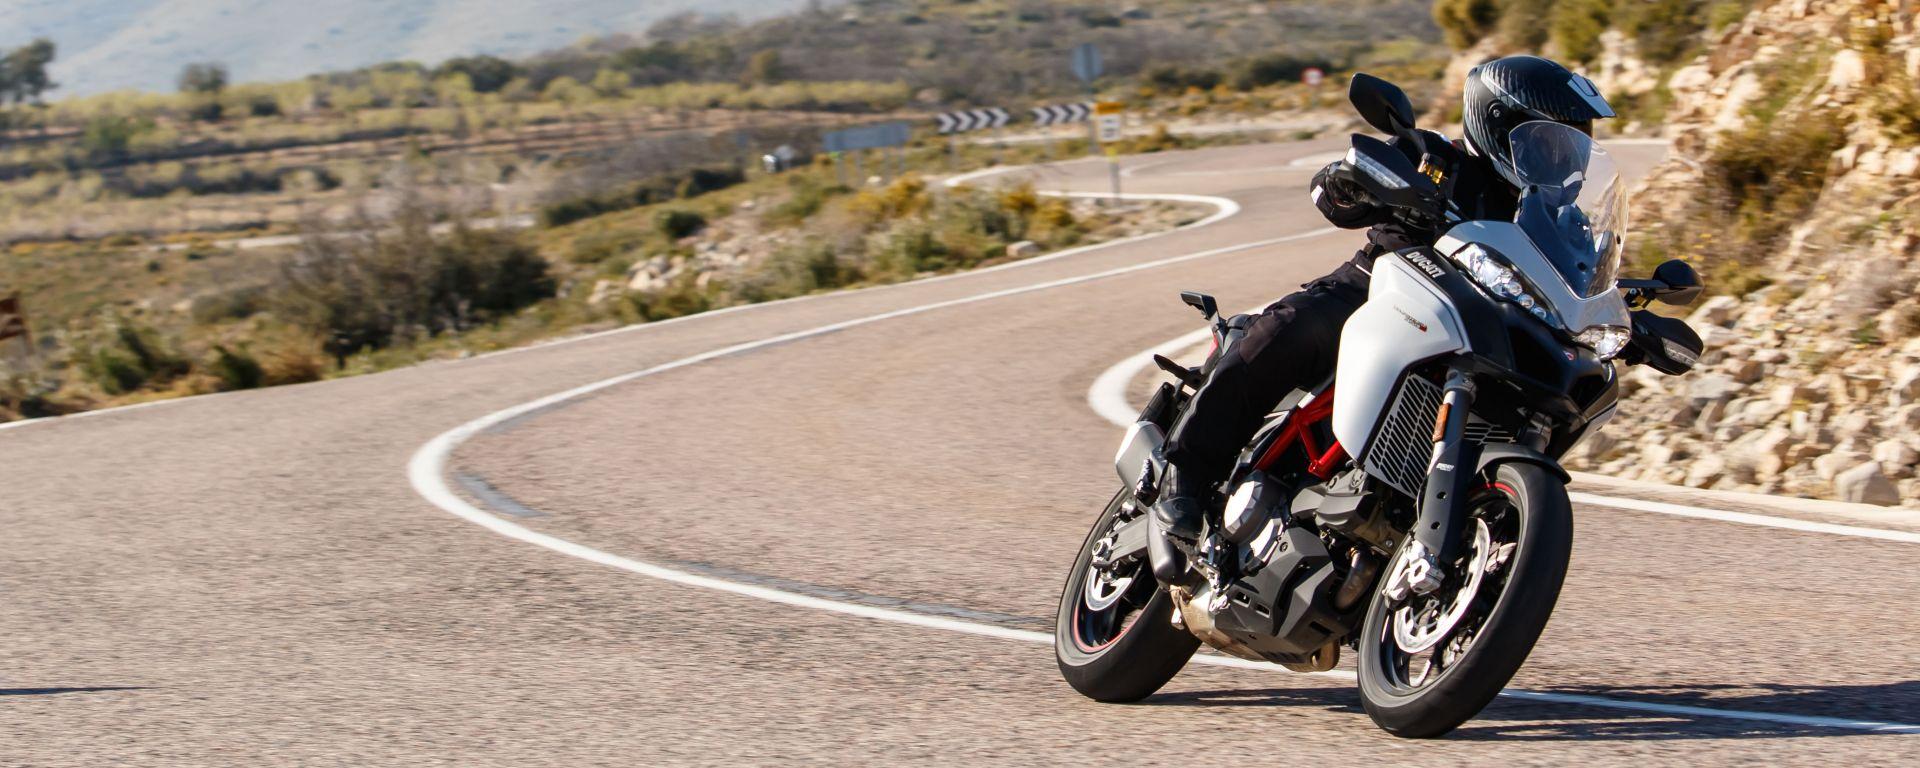 Ducati Multistrada 950 S: le opinioni dopo la prova